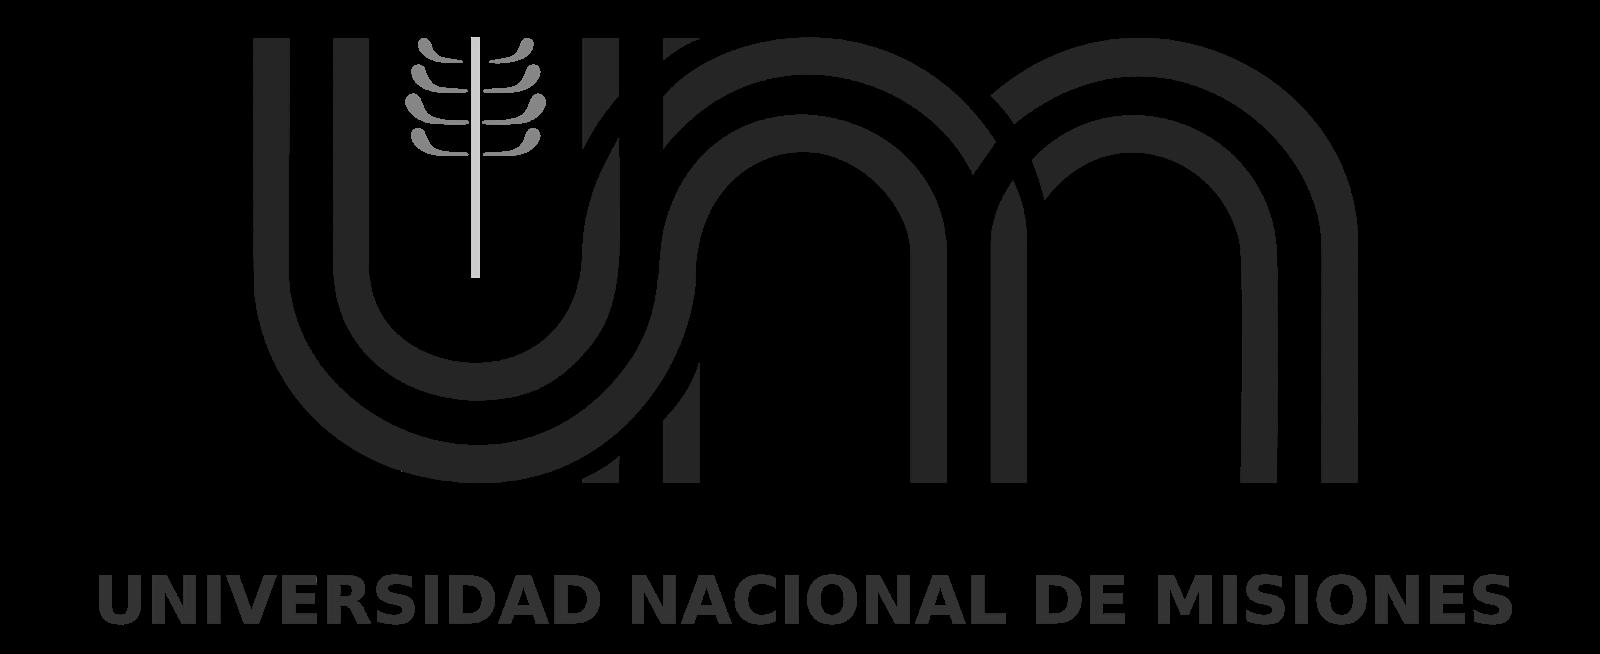 Diseño Industrial Oberá: Logos U.Na.M. - Facultad de Arte y Diseño ...